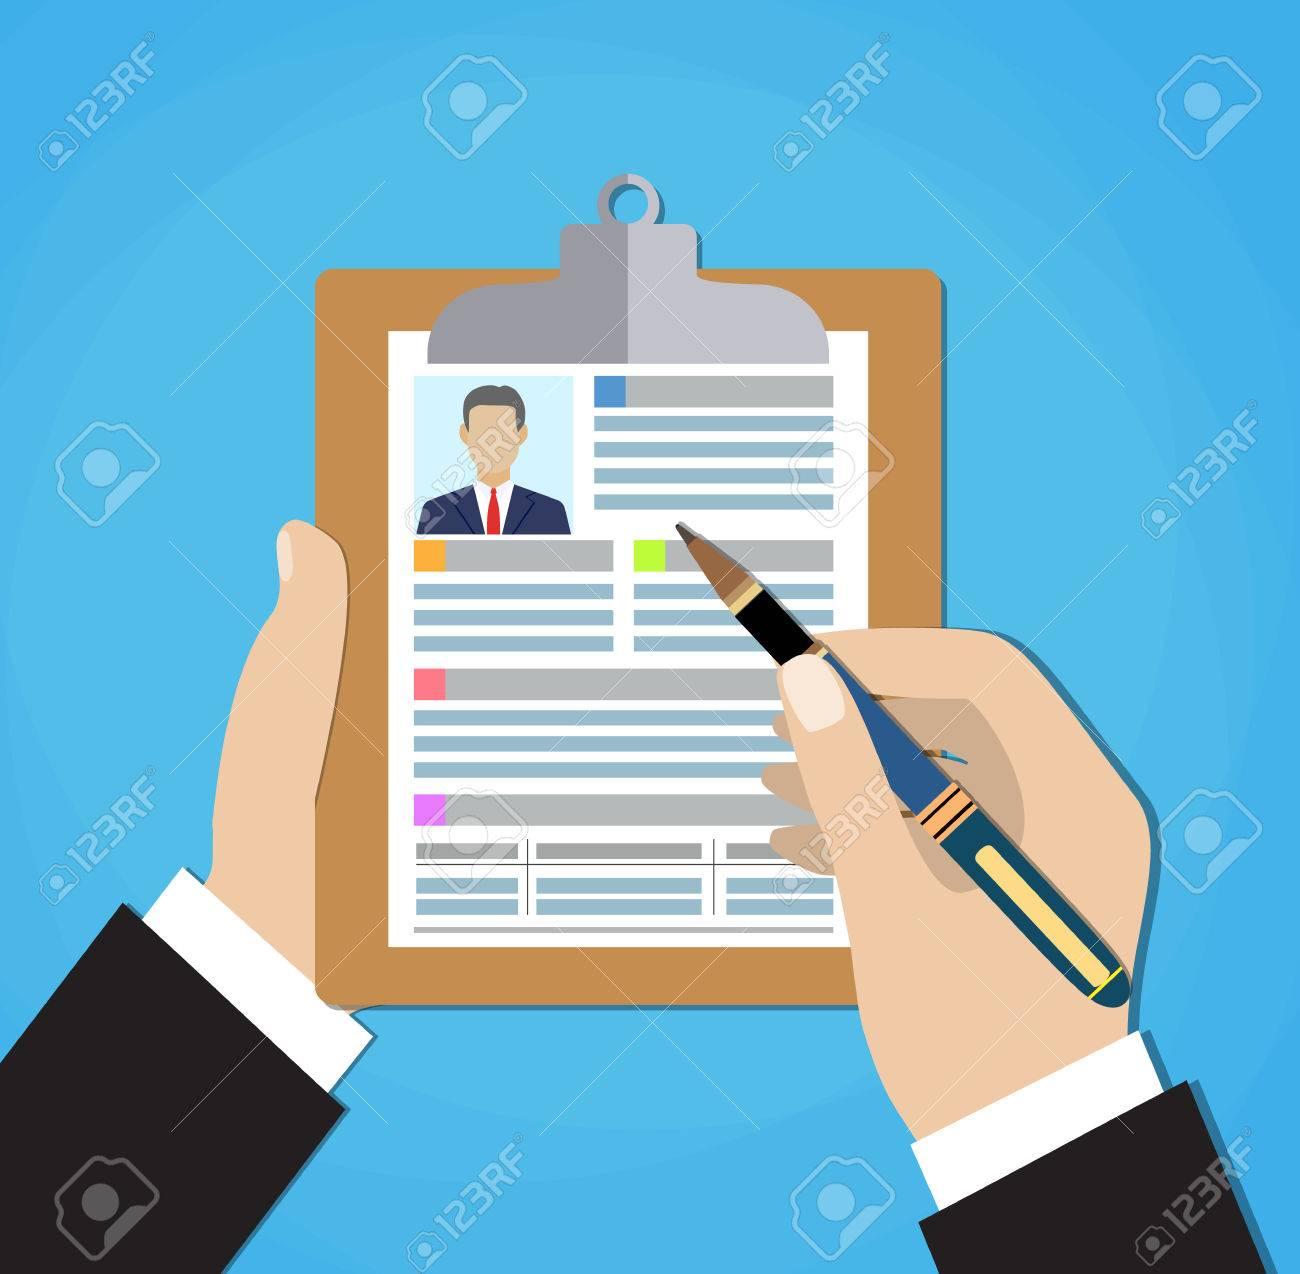 Resume-Formular In Den Händen. Zwischenablage In Hand Mit Blatt ...